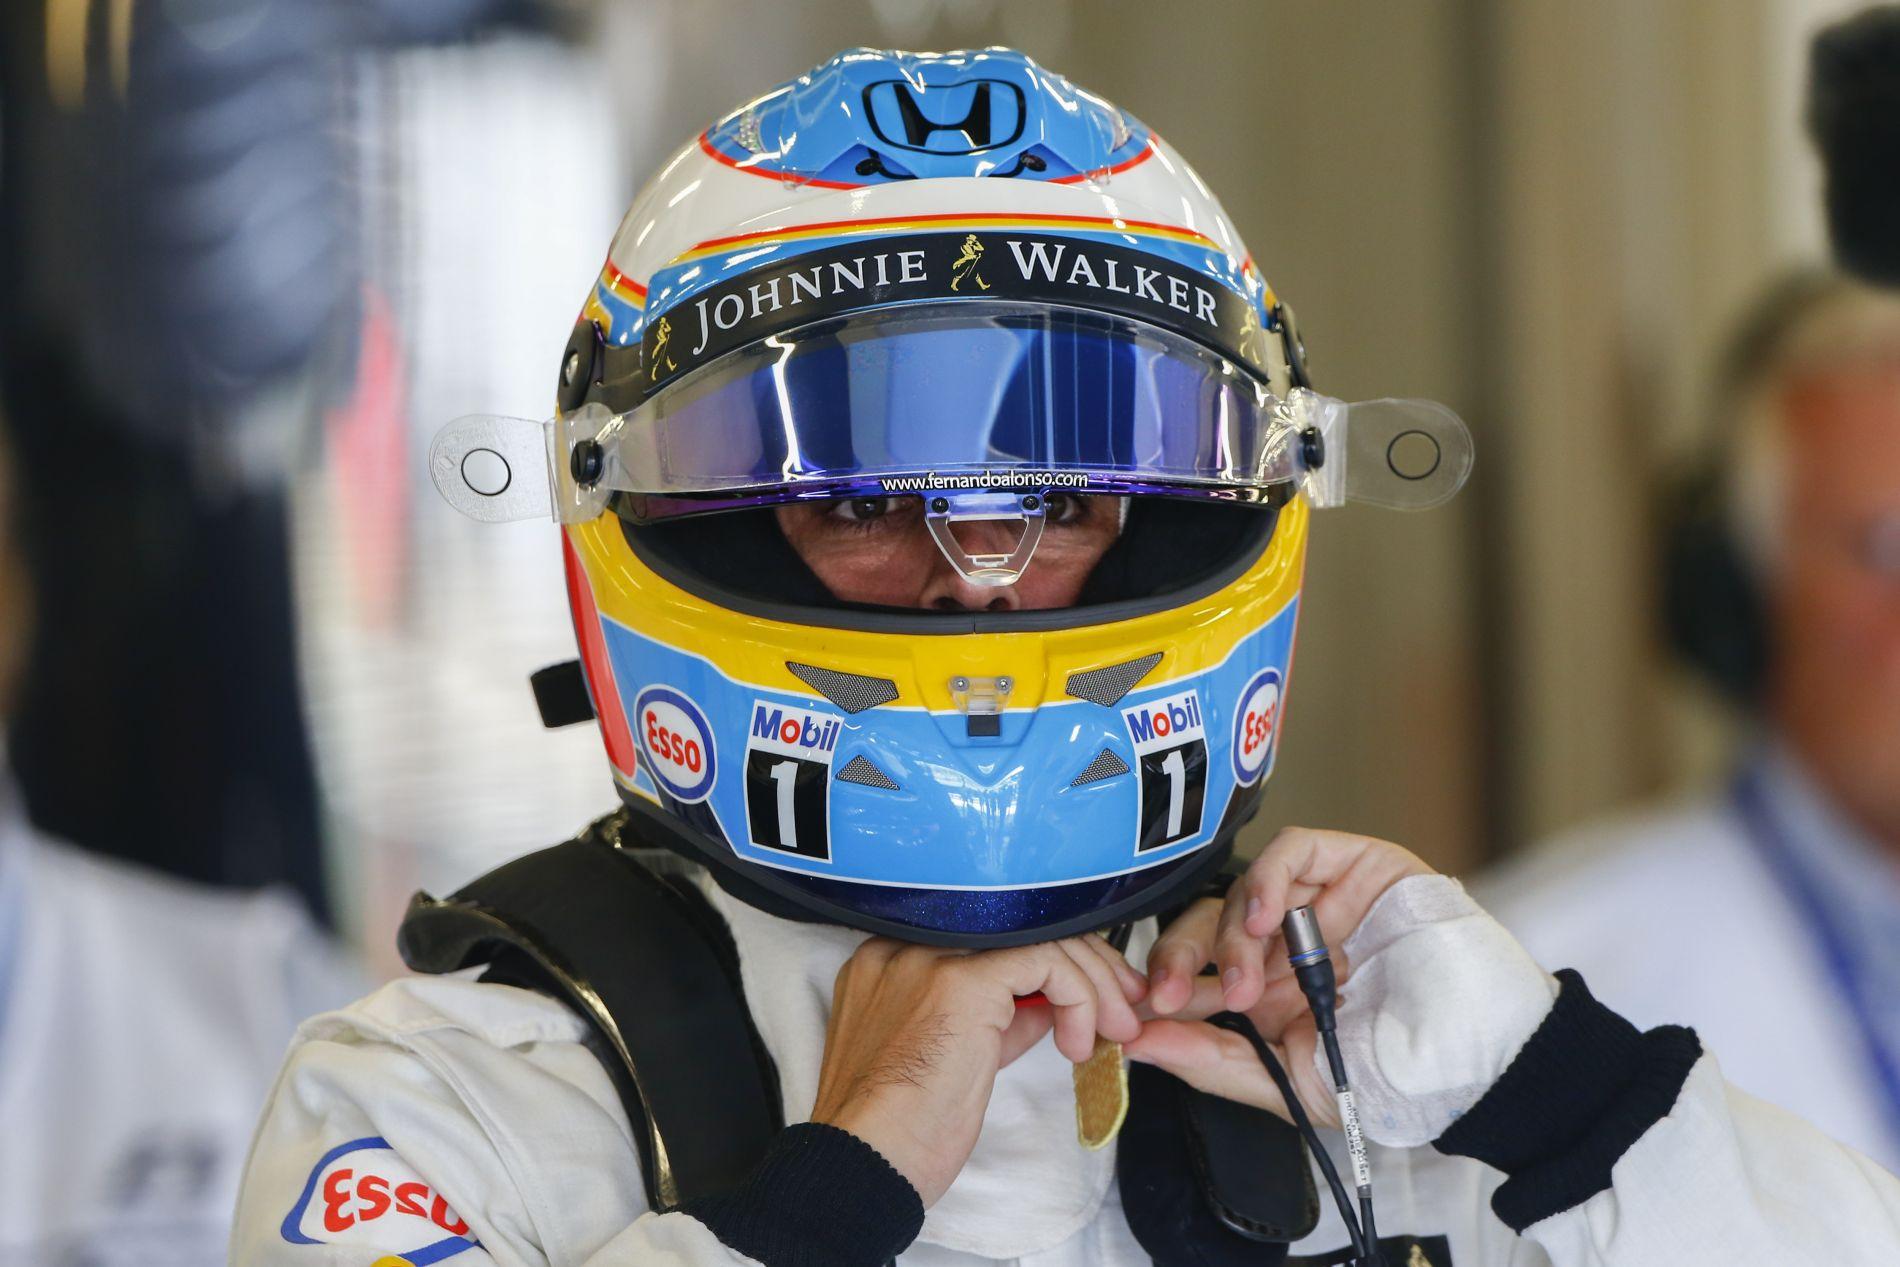 Ha unod a McLaren teljesítményét, kapcsold ki a tévét, és csak ősszel kapcsold be ismét